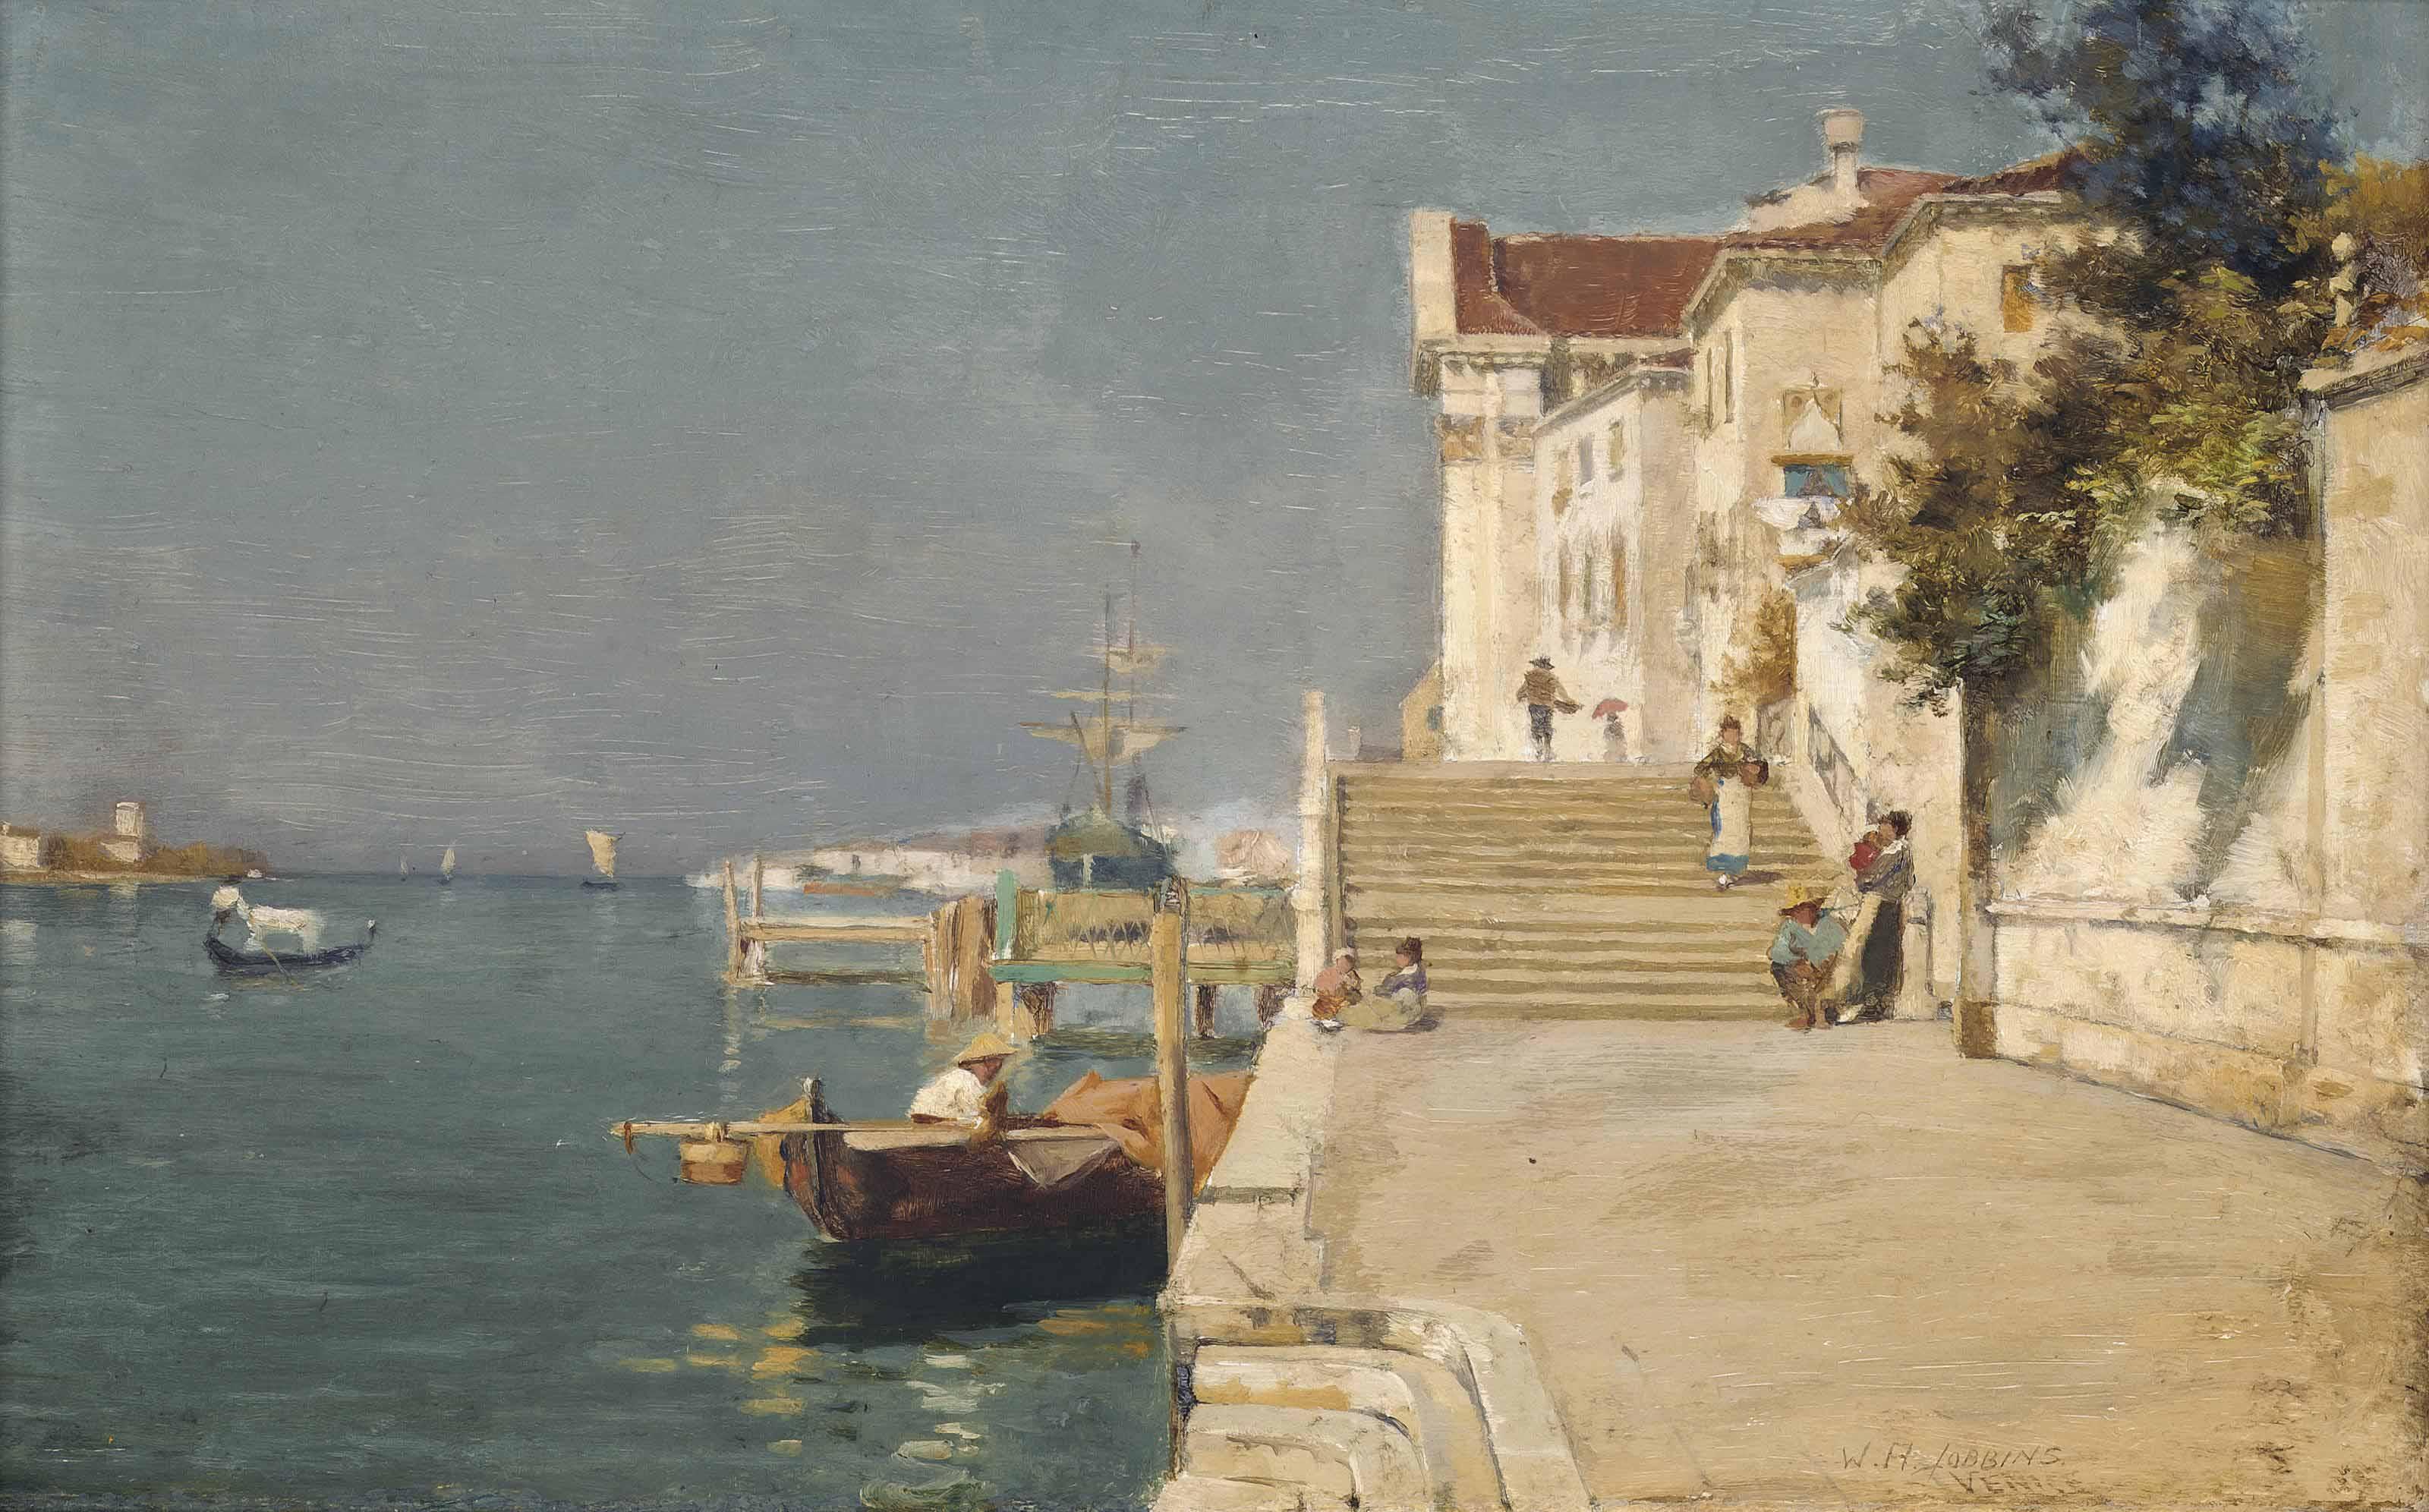 On the Zattere, Venice